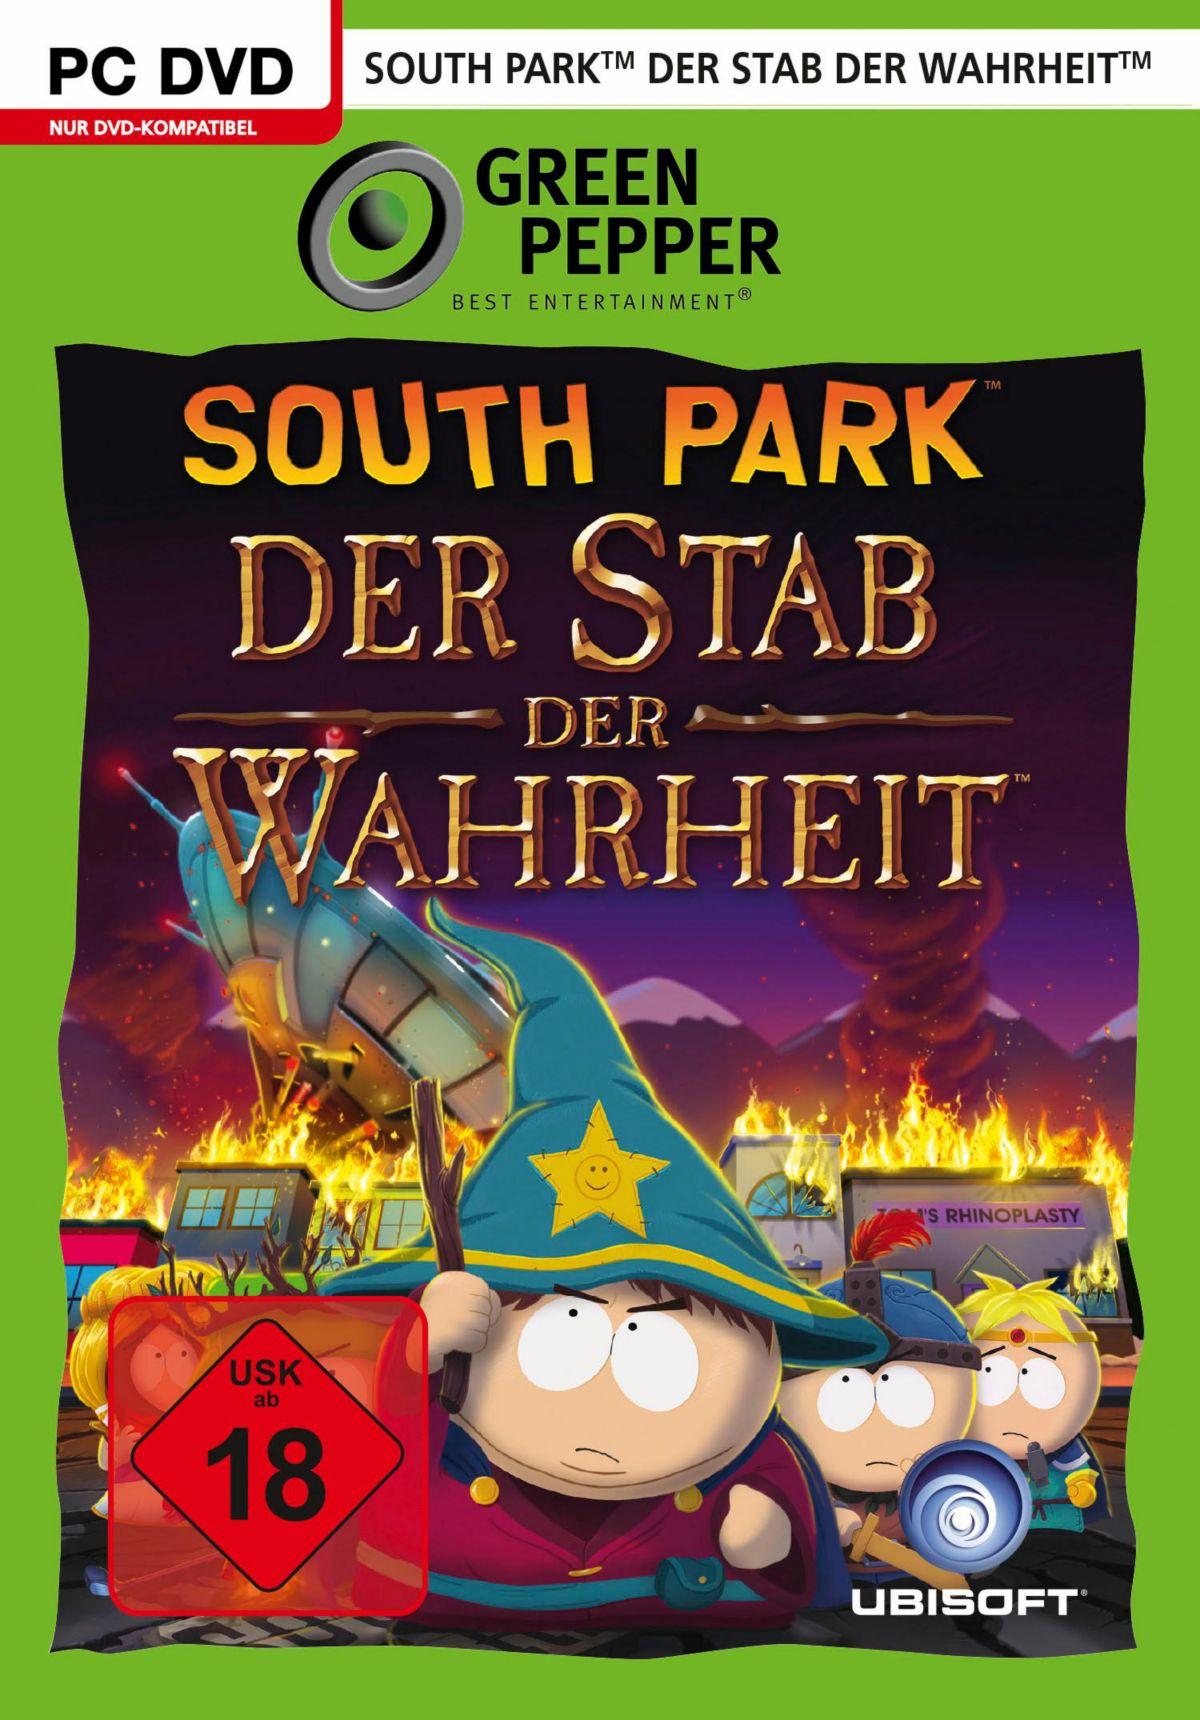 South Park: Der Stab der Wahrheit PC (DVD-ROM)